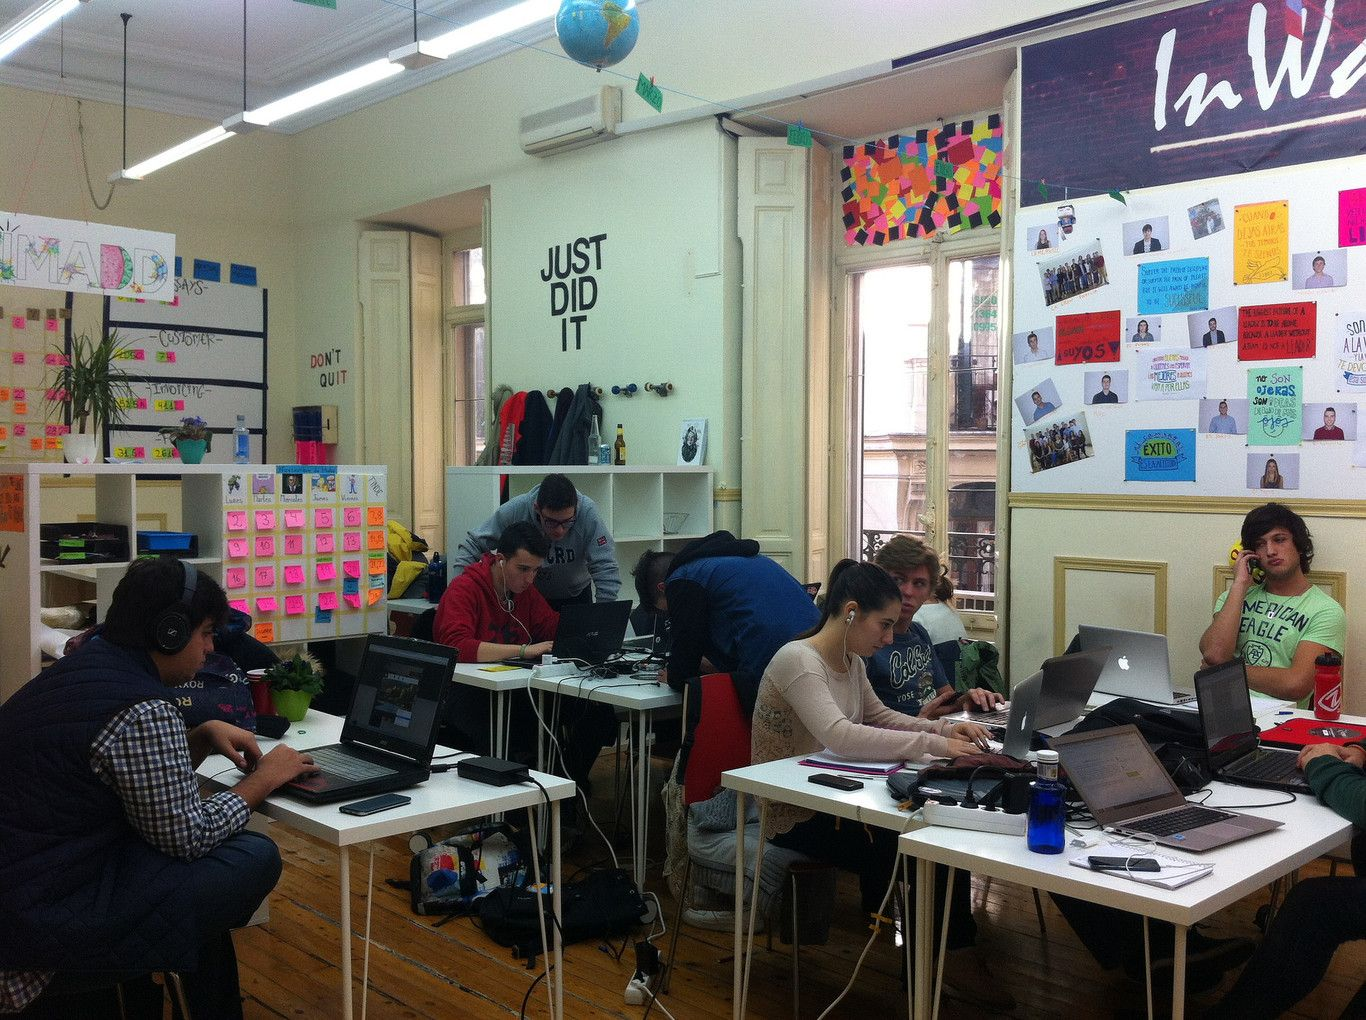 """la propuesta de TeamLabs, un centro de educación que se define a sí mismo como """"laboratorio de aprendizaje radical"""" en el que las fronteras entre lo académico y lo profesional -aseguran- se difuminan. """"Aquí no se estudia y luego se trabaja o al revés."""